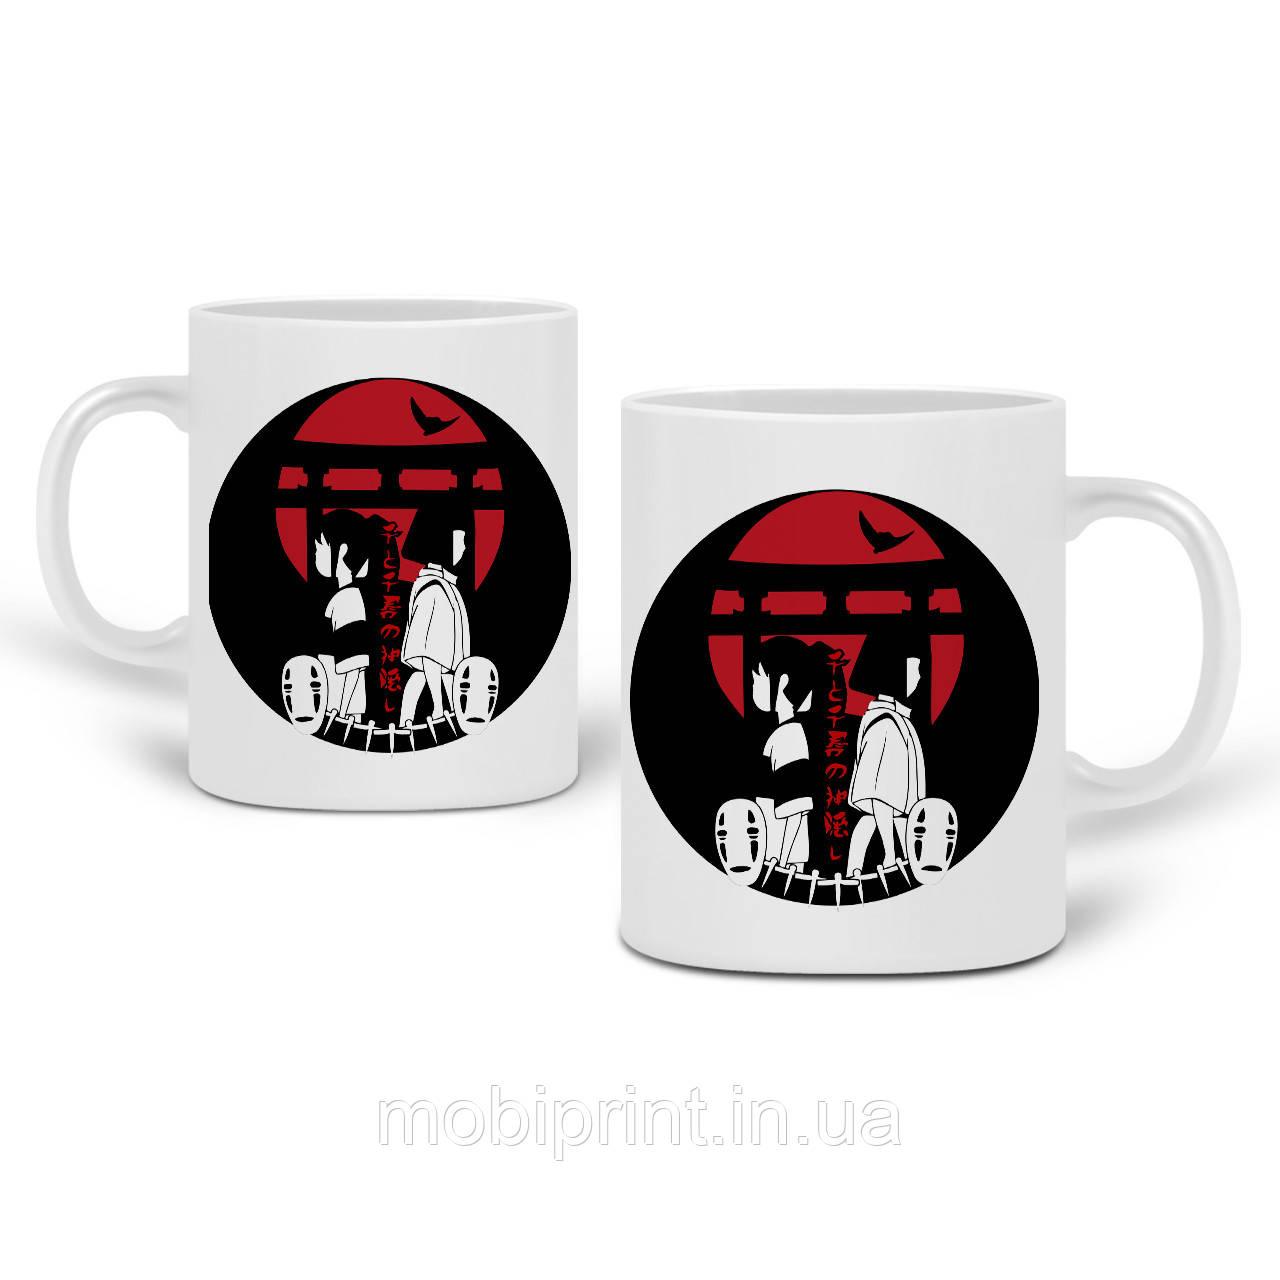 Кружка Тихиро Огино Сен і Хаку Віднесені примарами (Spirited Away) 330 мл Чашка Керамічна (20259-2649)